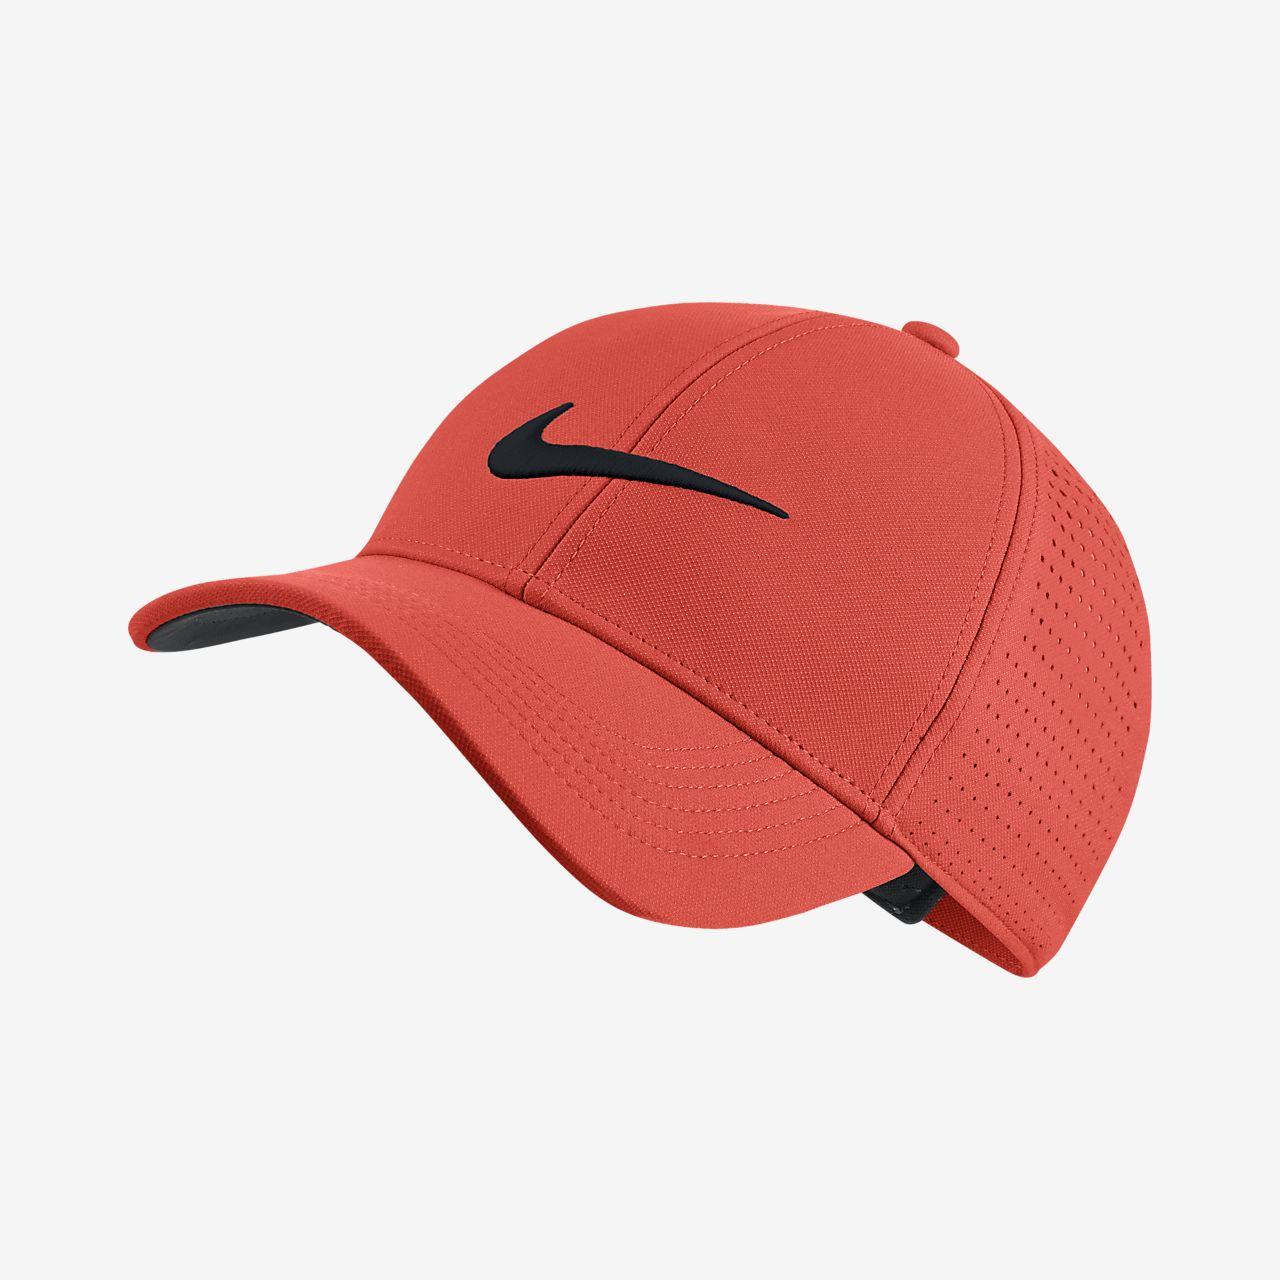 หมวกกอล์ฟปรับได้ Nike Legacy 91 Perforated